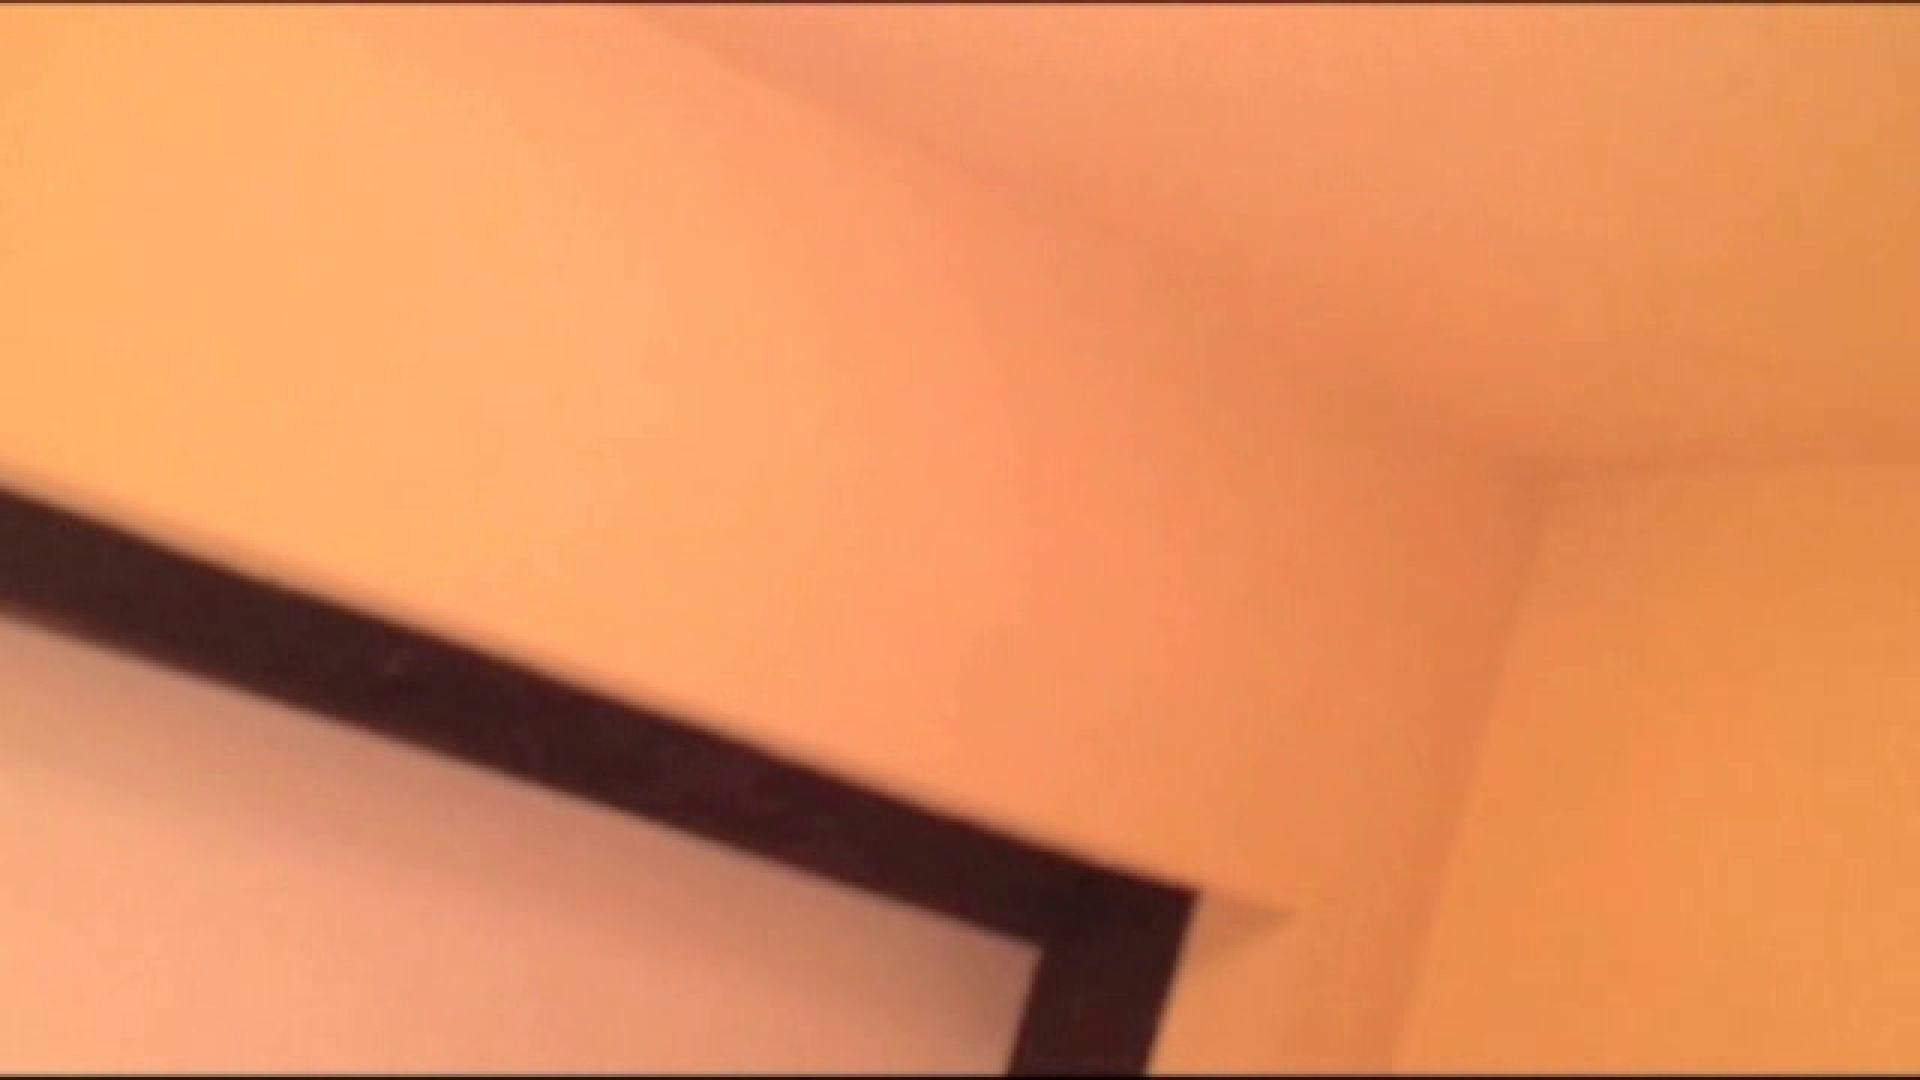 ドラゴン2世 チャラ男の個人撮影 Vol.06 超かわいい彼女 ゆいか 18才 Part.03 ついにハメ撮り フェラチオ オマンコ無修正動画無料 11pic 6